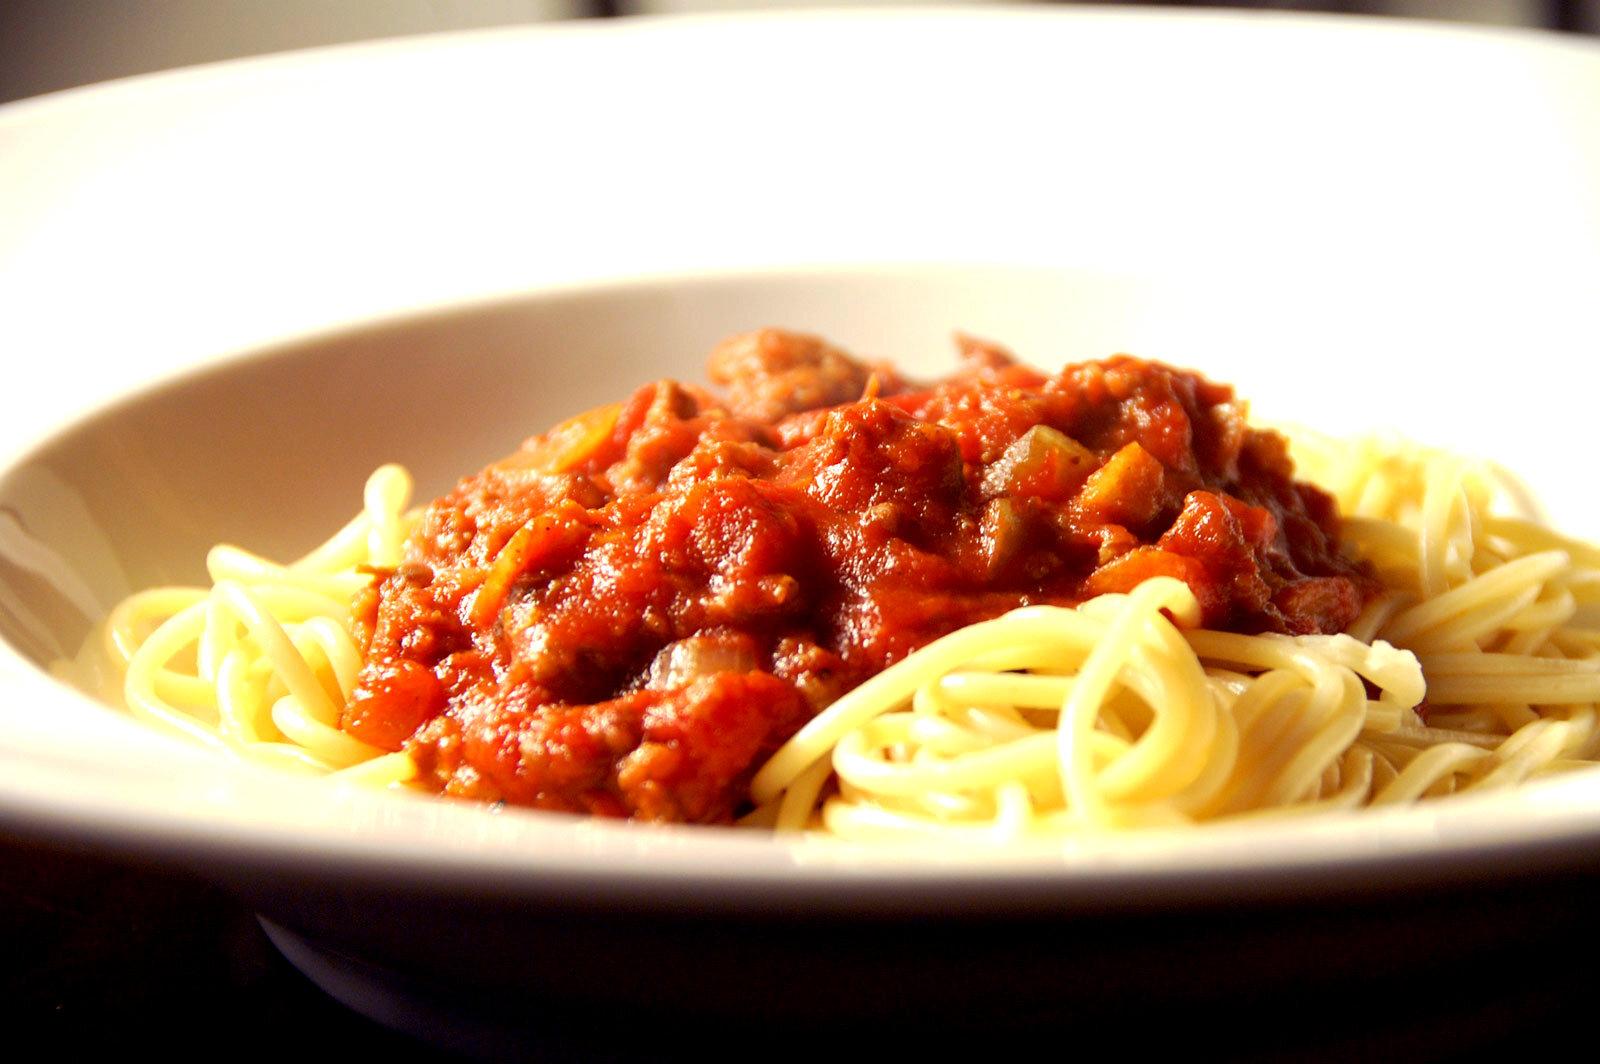 Comida italiana peruana mineira e outras op es por um for Comida italiana